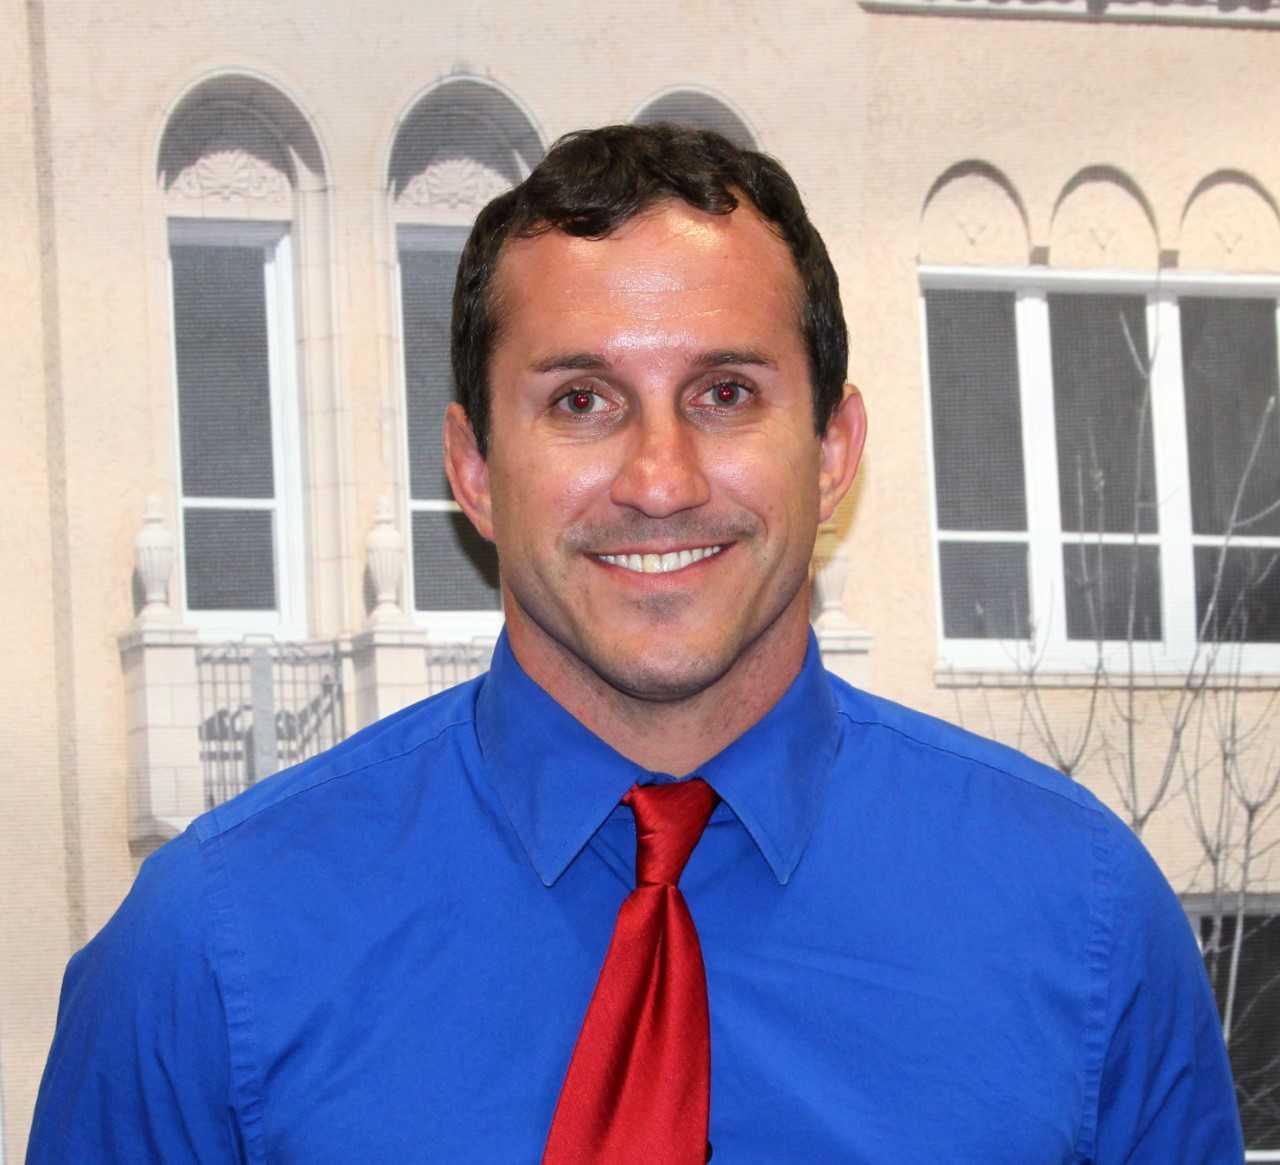 Jared Wynn officially named head wrestling coach